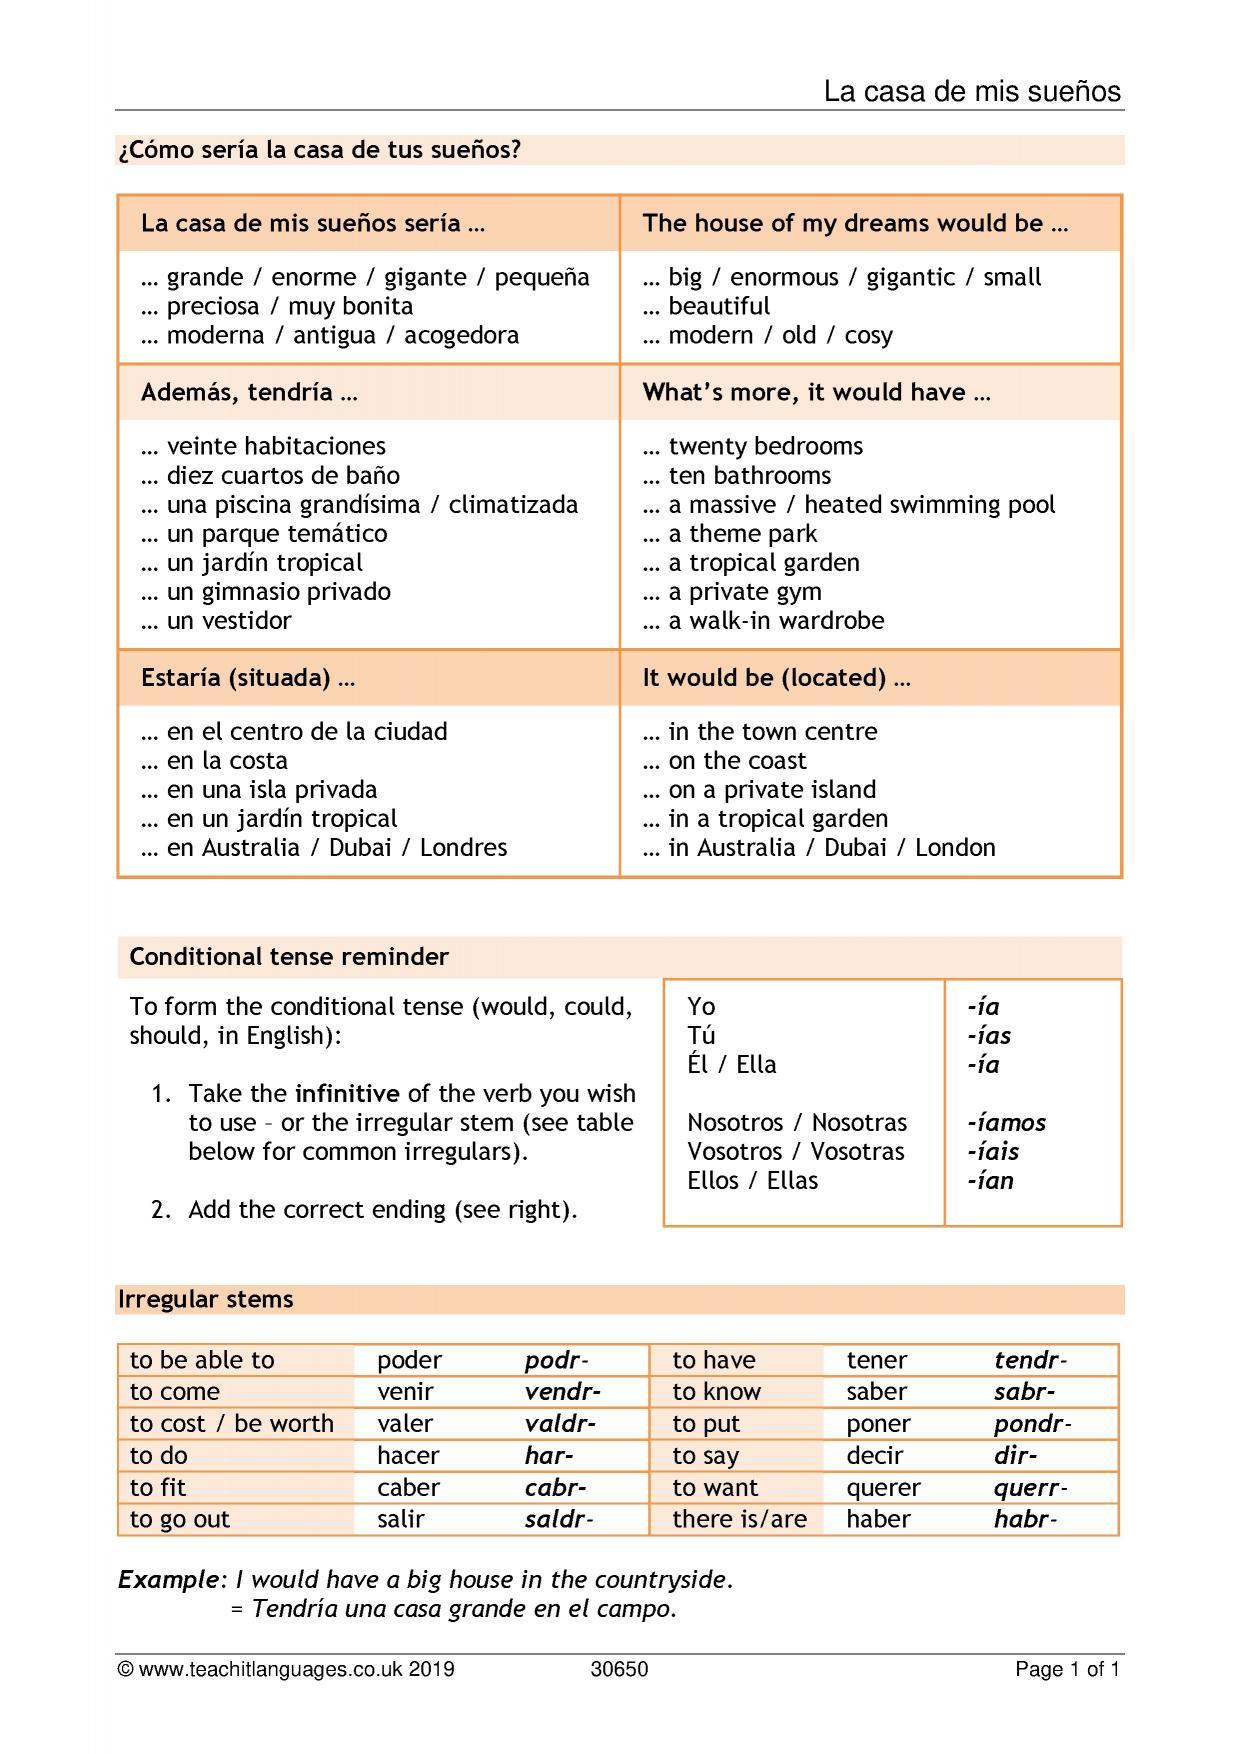 Spanish Language Teaching Resources